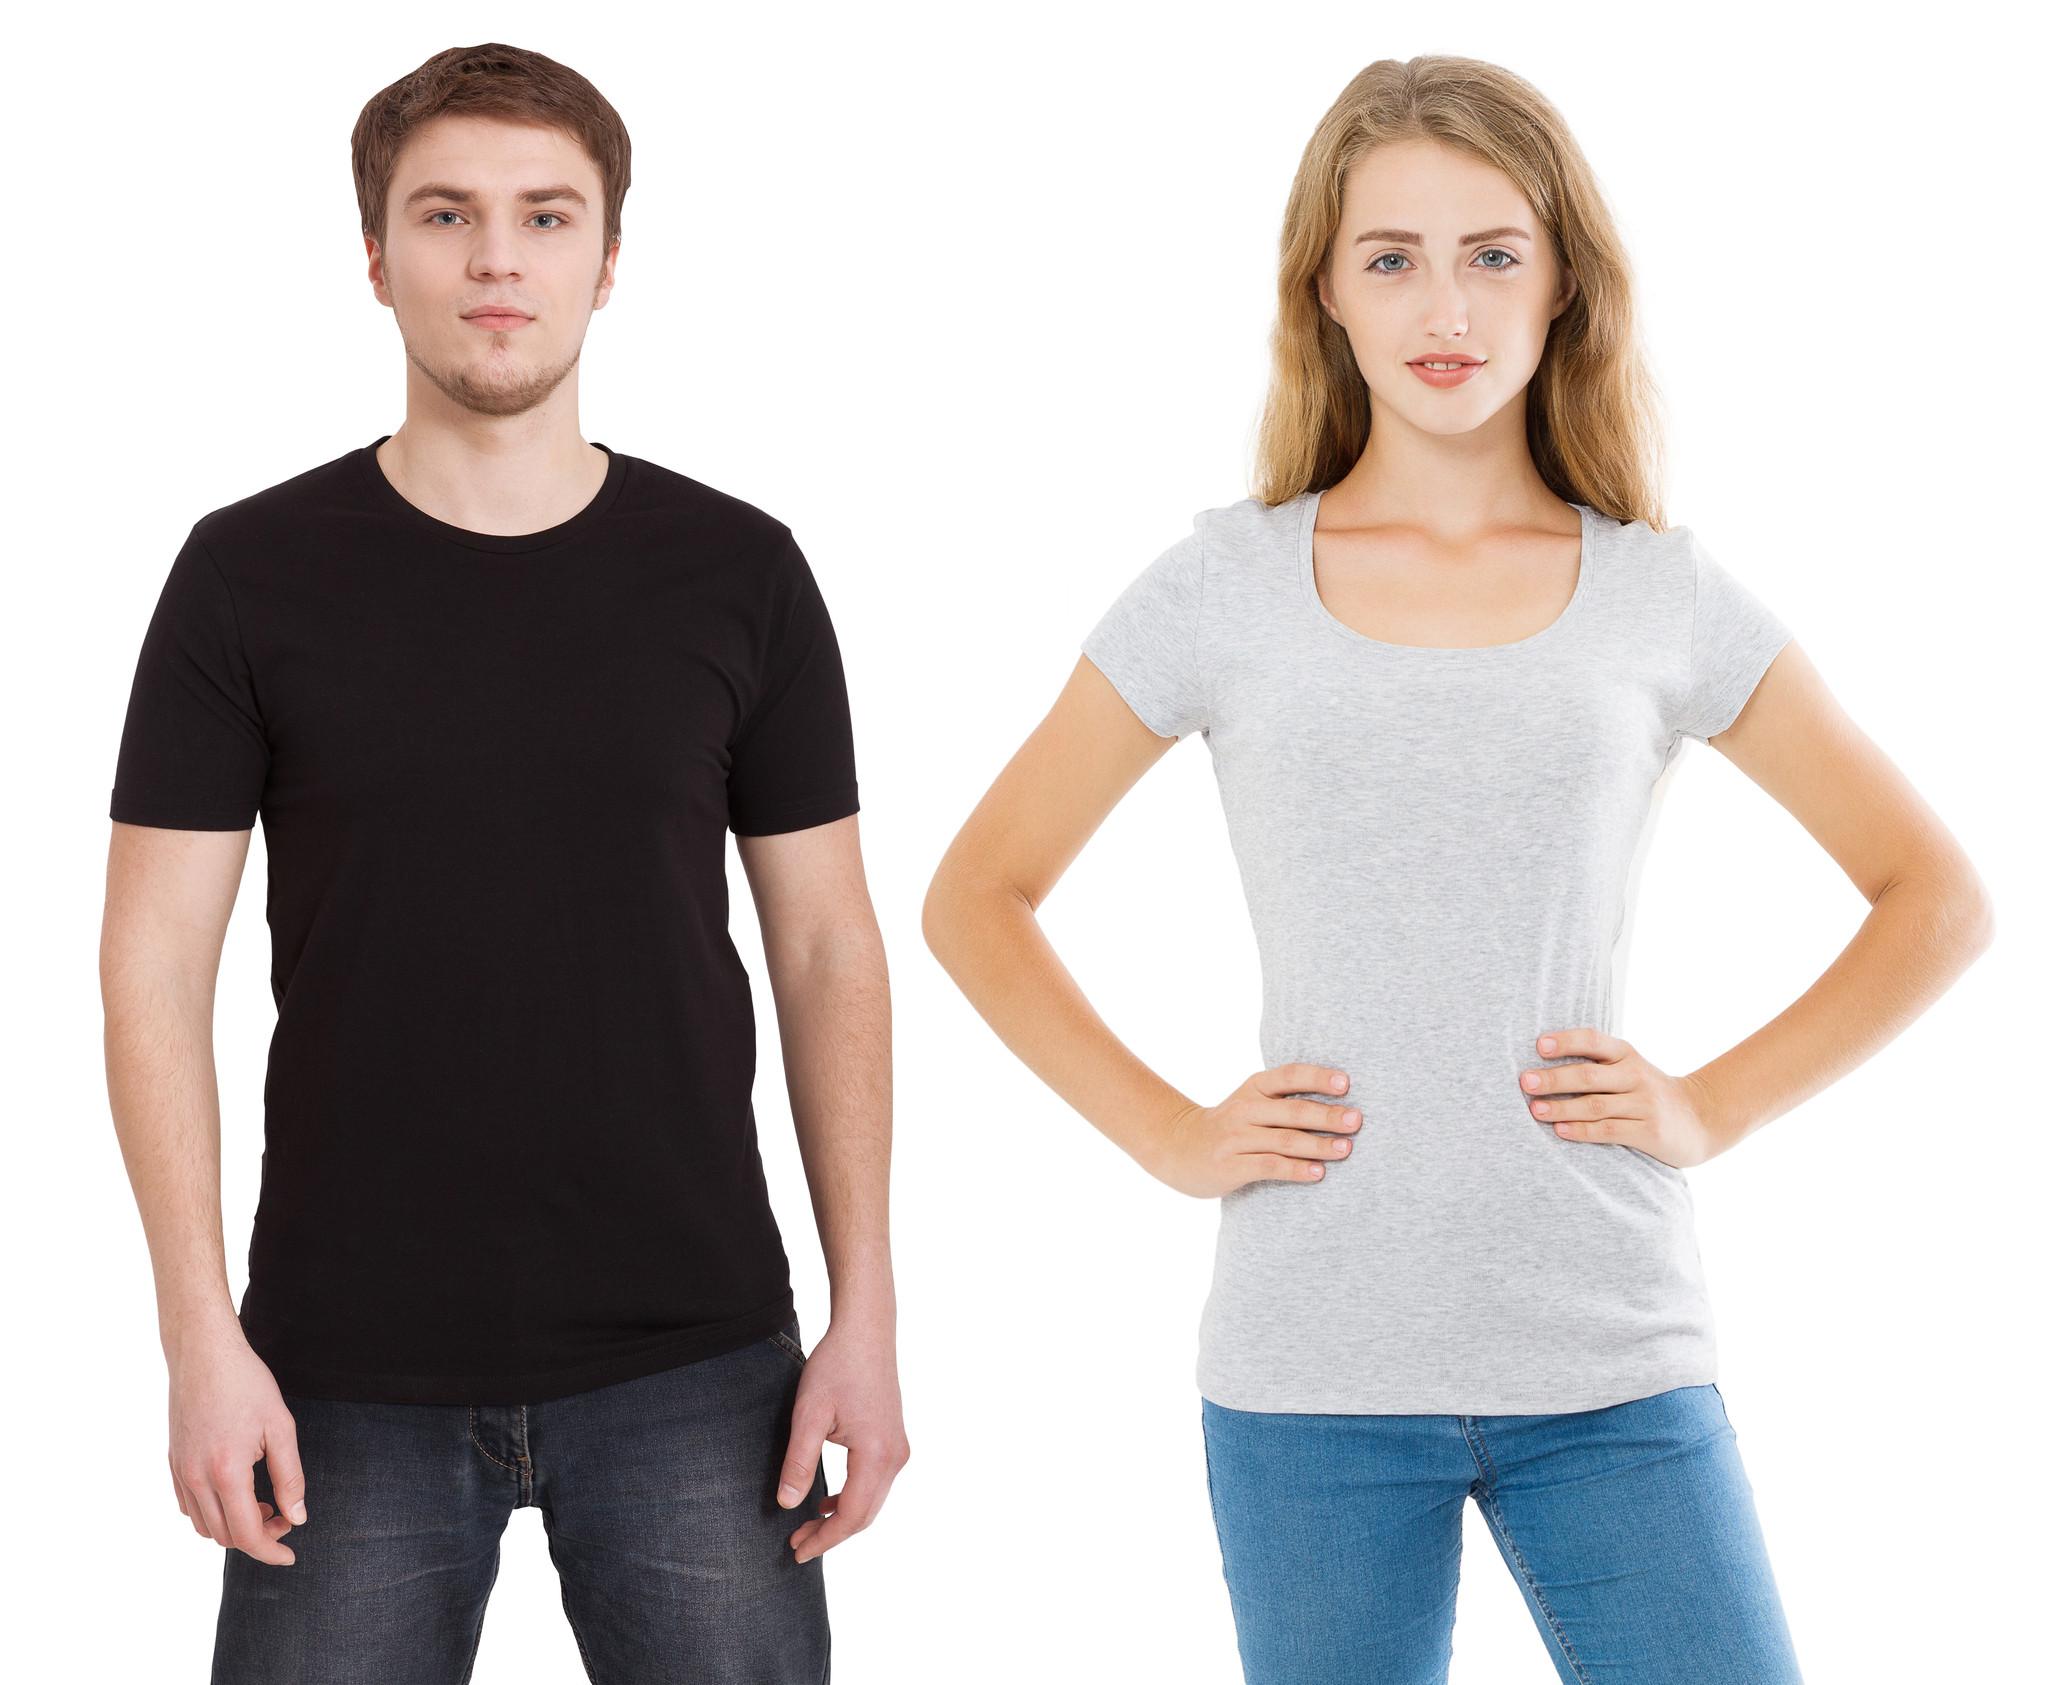 新商品が入荷しました!レディースTシャツ3点セット